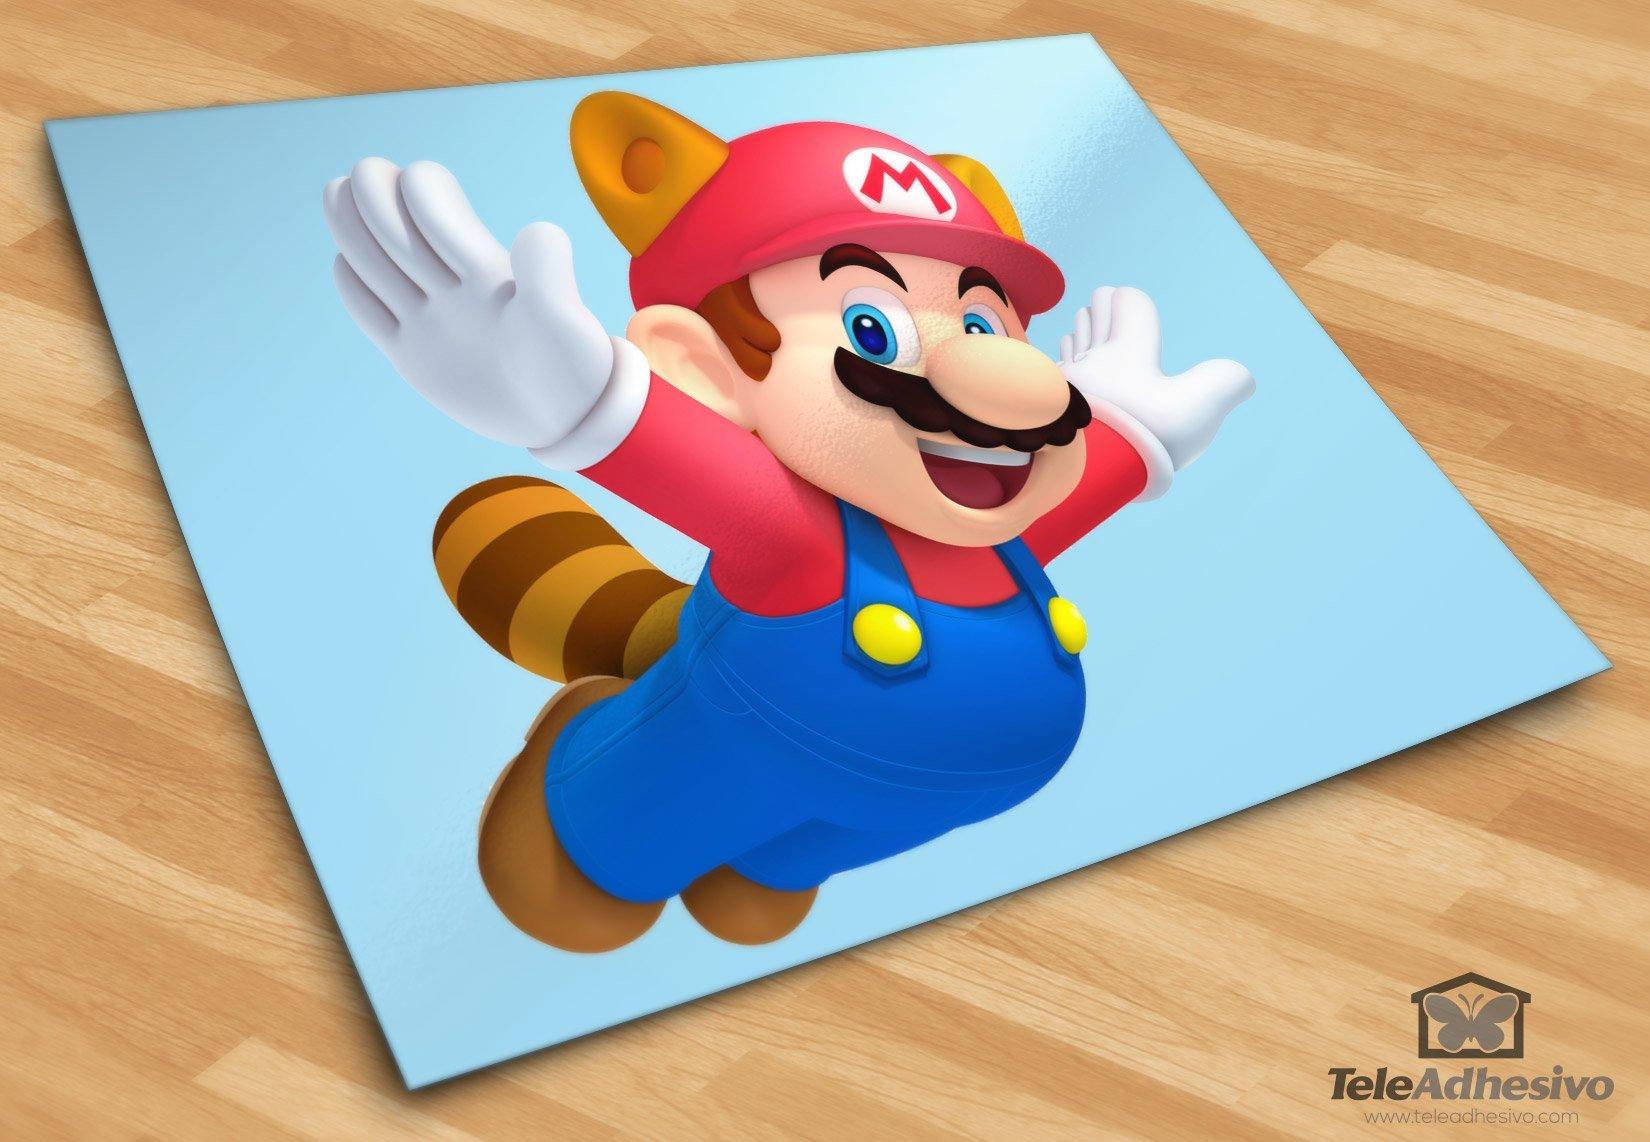 Super Mario Bross 3